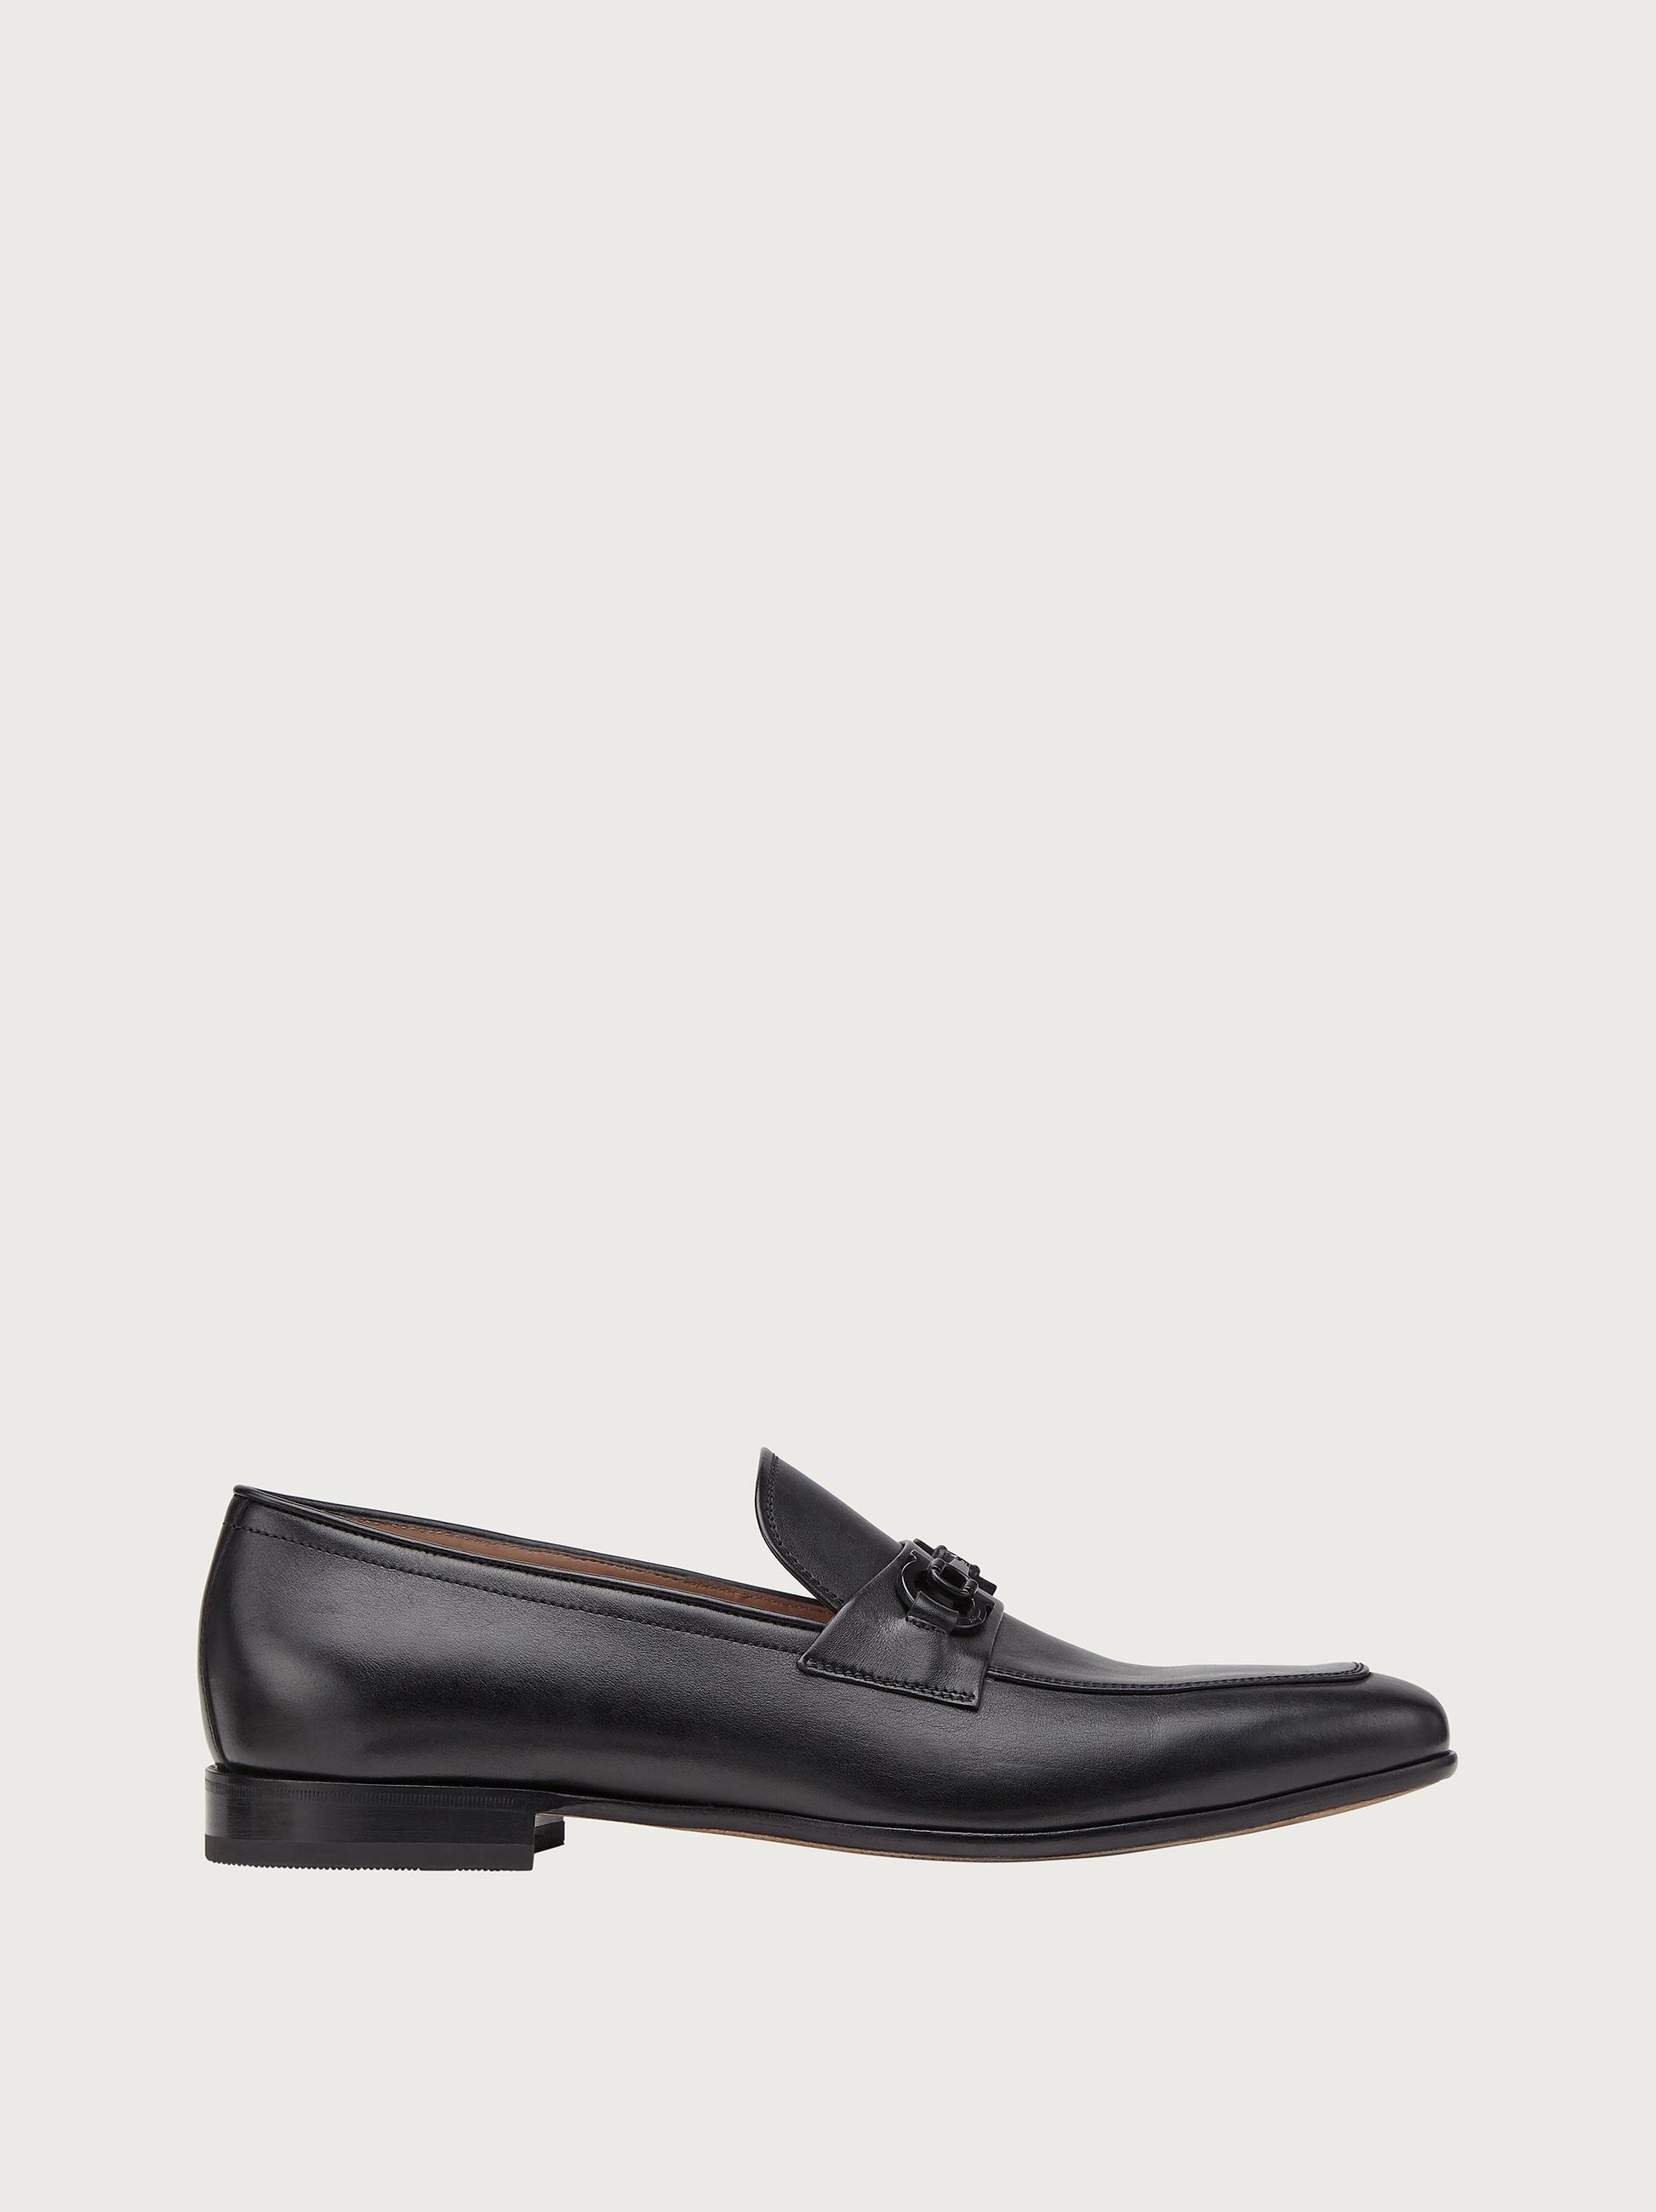 נעלי  RENO Salvatore Ferragamo לגבר